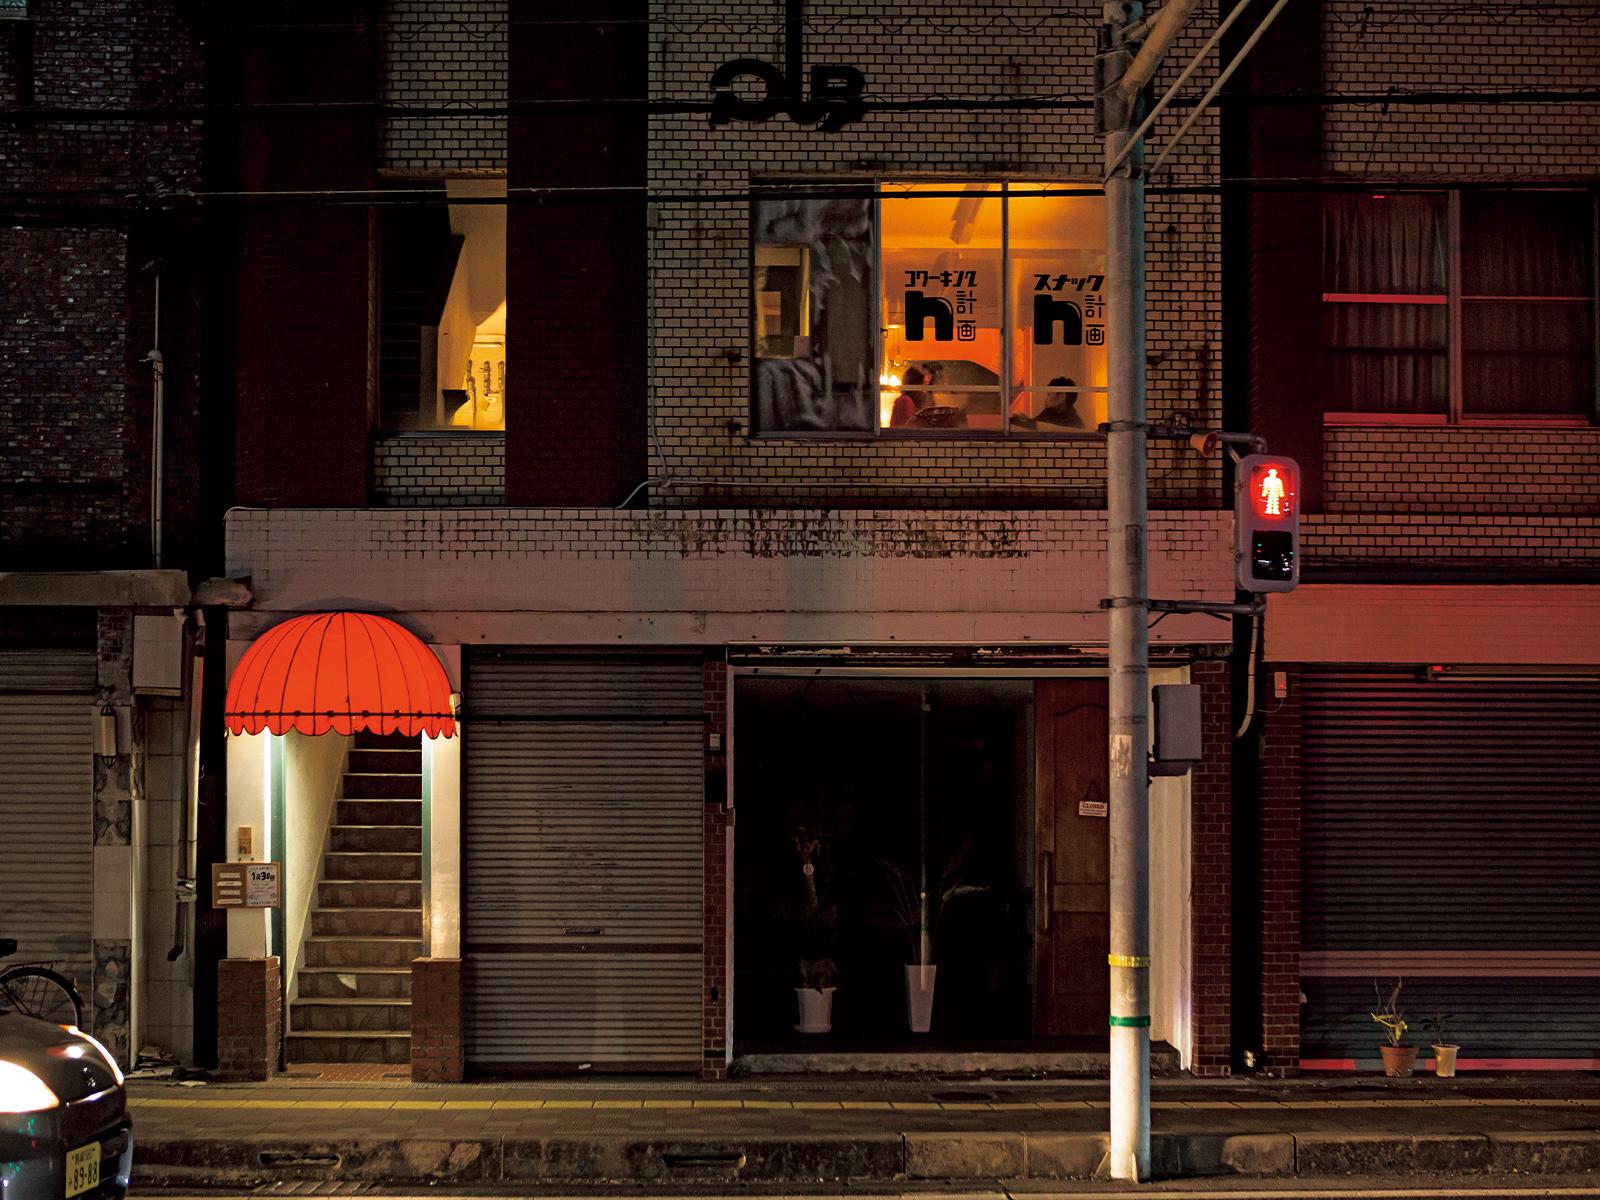 周囲の店が閉まってしまう夜でも点るスナックの明かり。思わぬ人との出会い、アイデアが夜ごと生まれている。